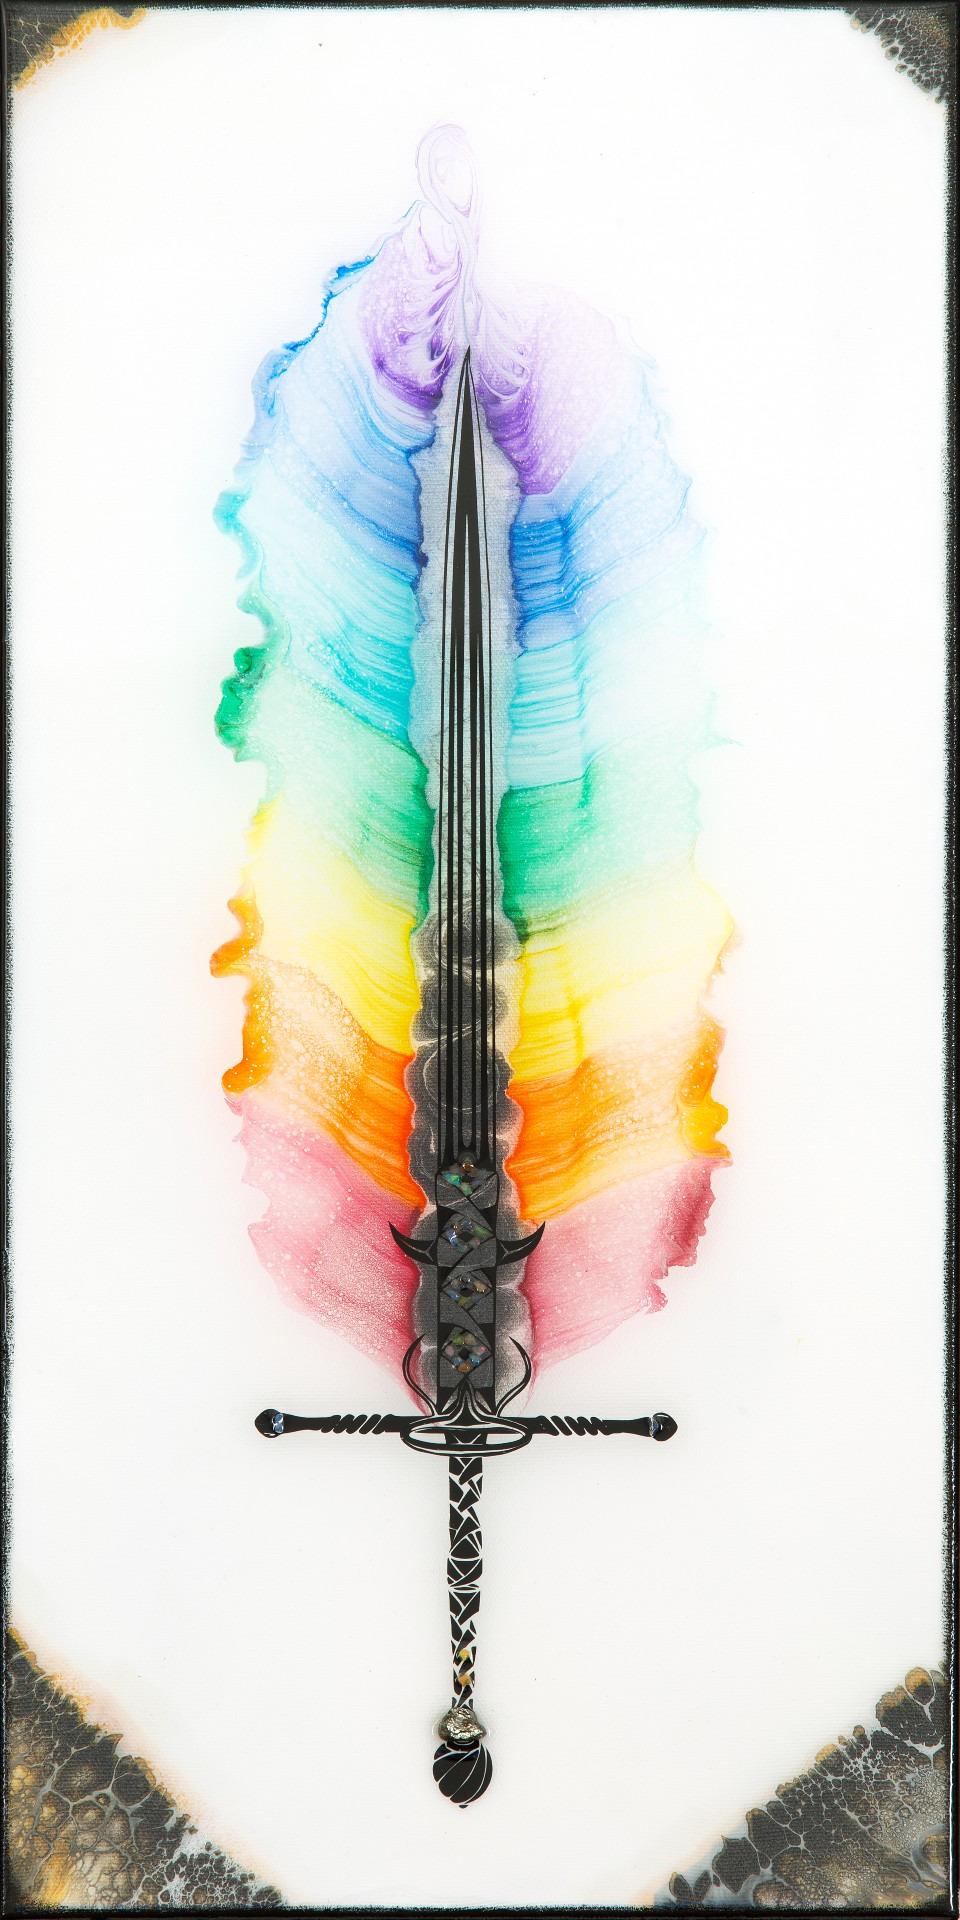 Am21p 036 chakra sword.jpg 1 nuvxsu